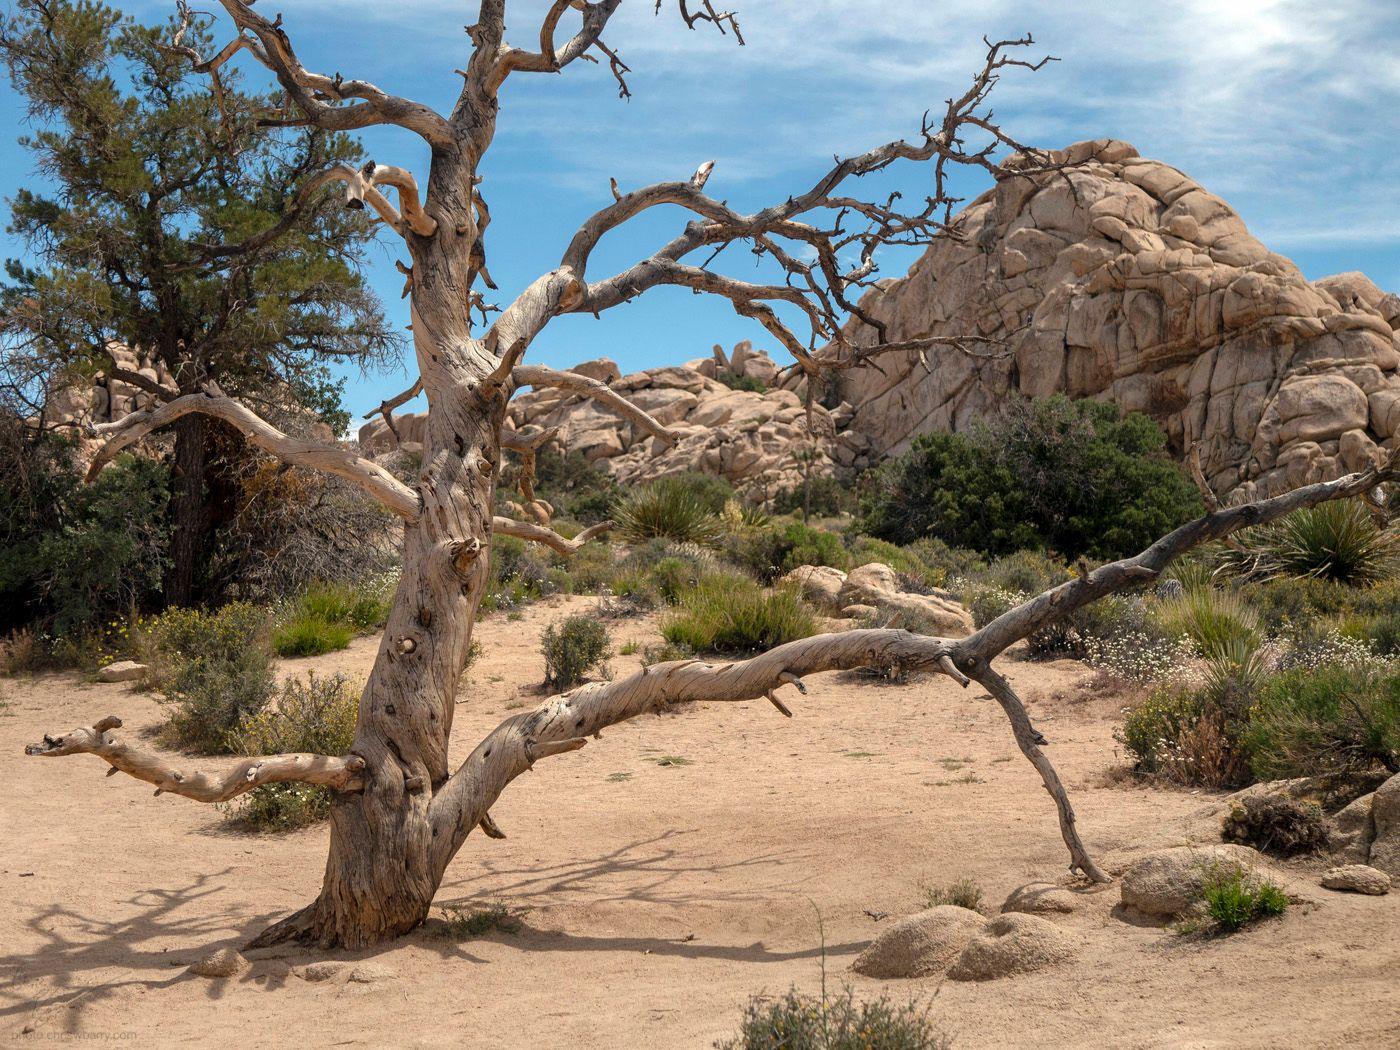 4-28-19: Long Dead Tree